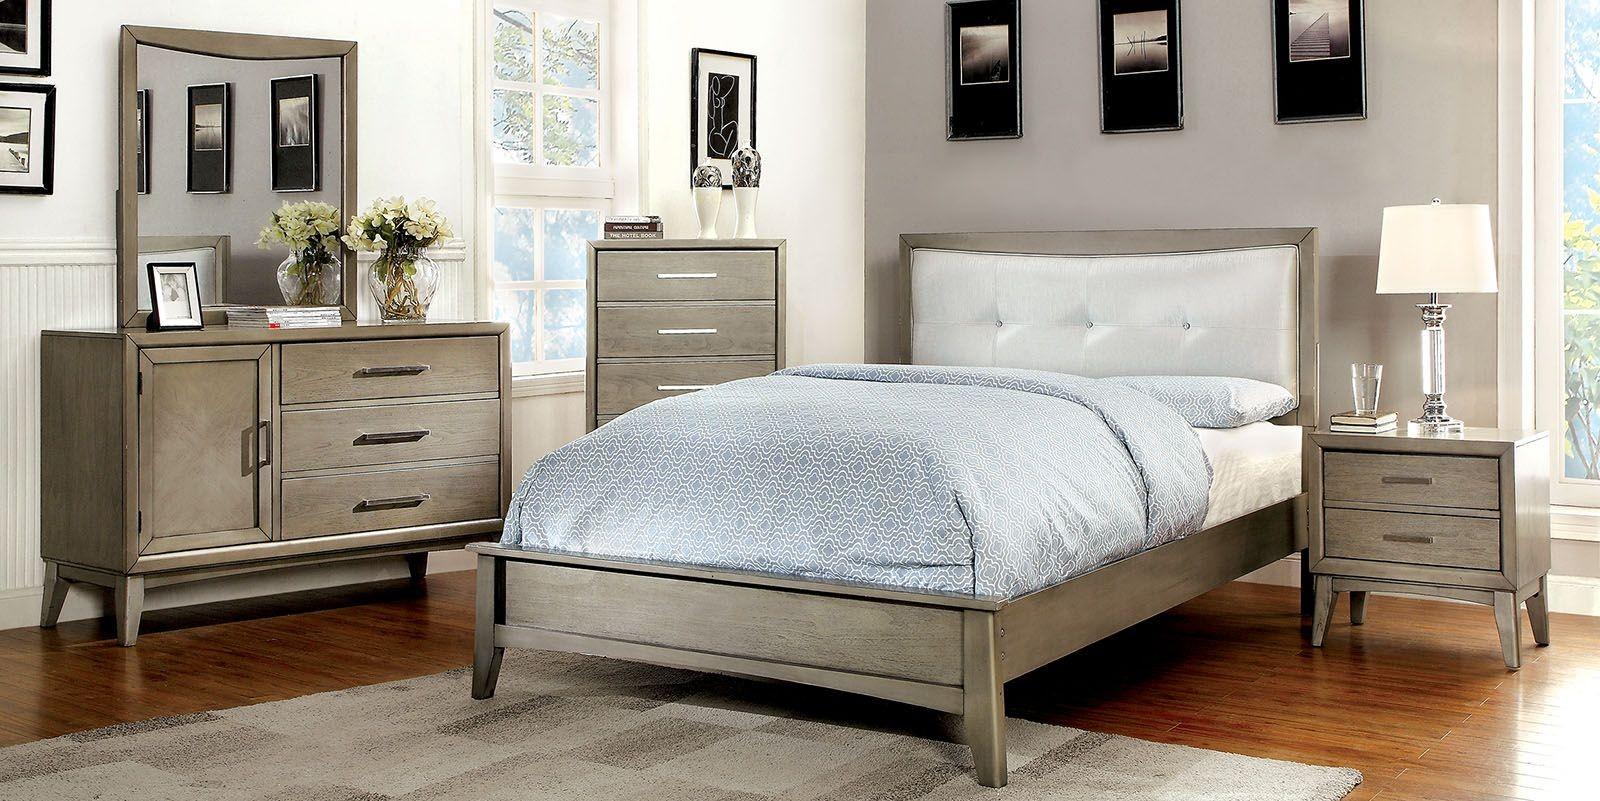 furniture bedroom sets snyder ii gray upholstered bedroom set